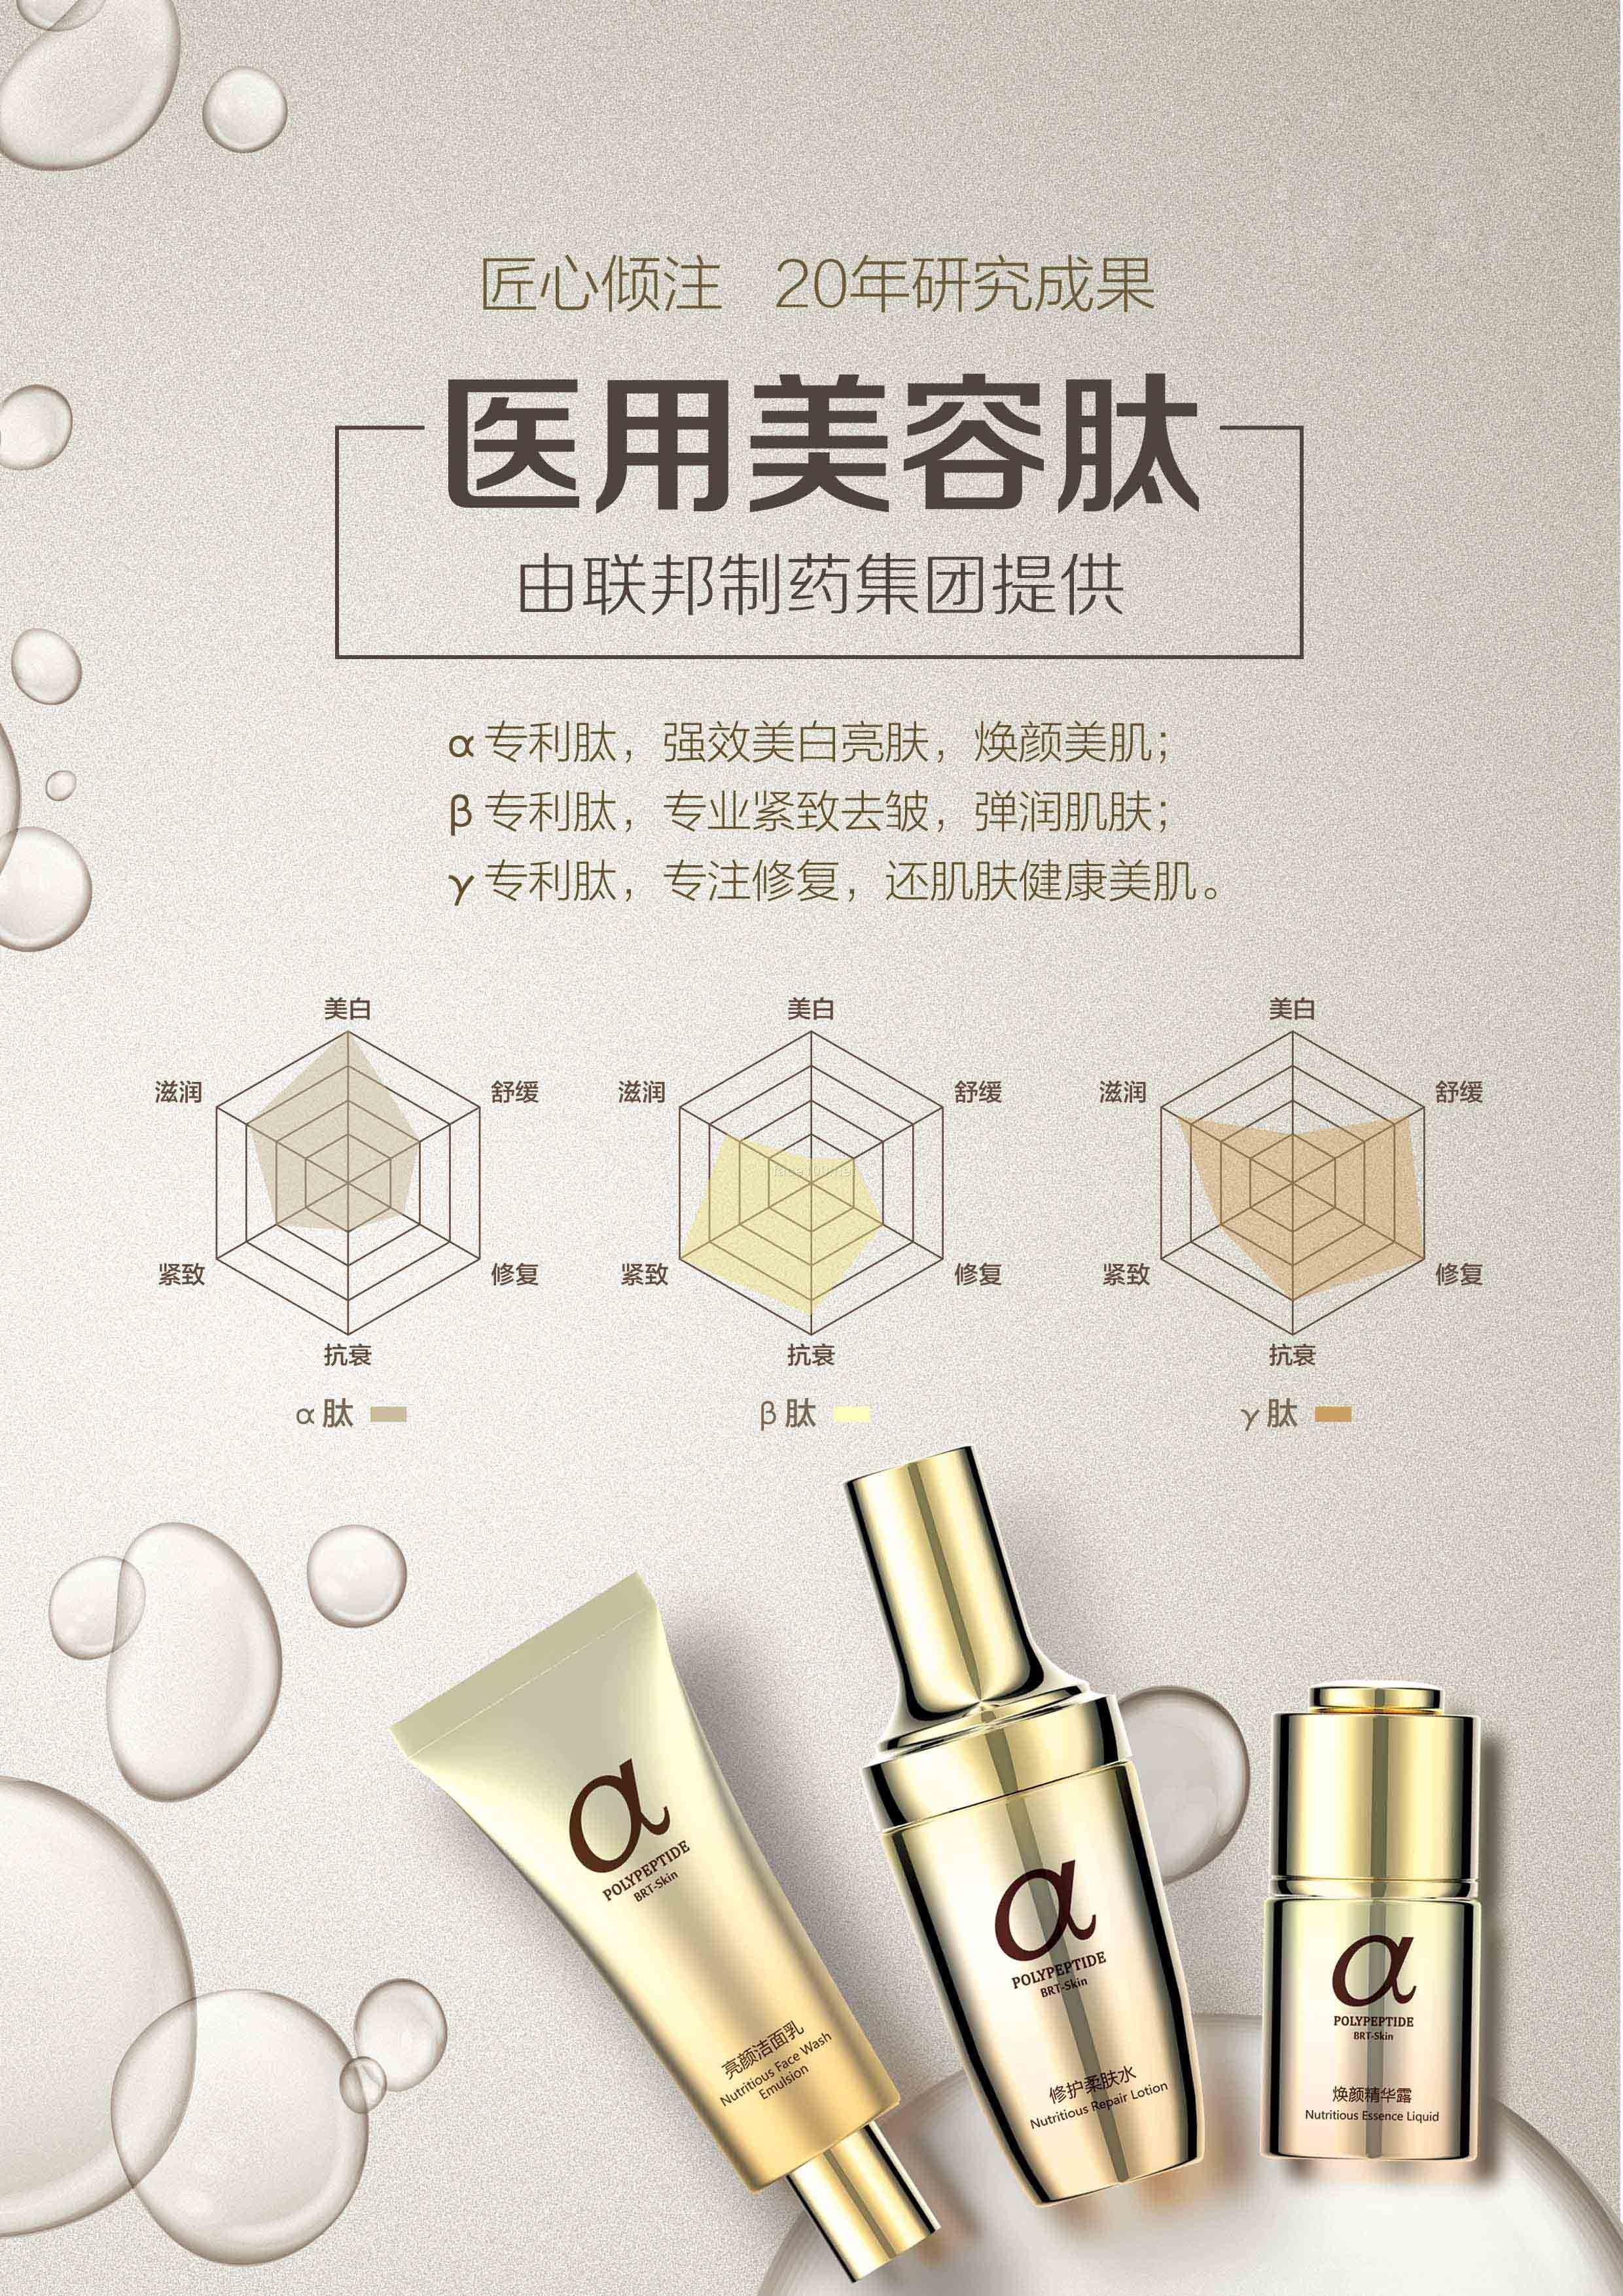 唇膏(有色、无色) 底妆 BB霜 CC霜 指彩代理批发博然堂